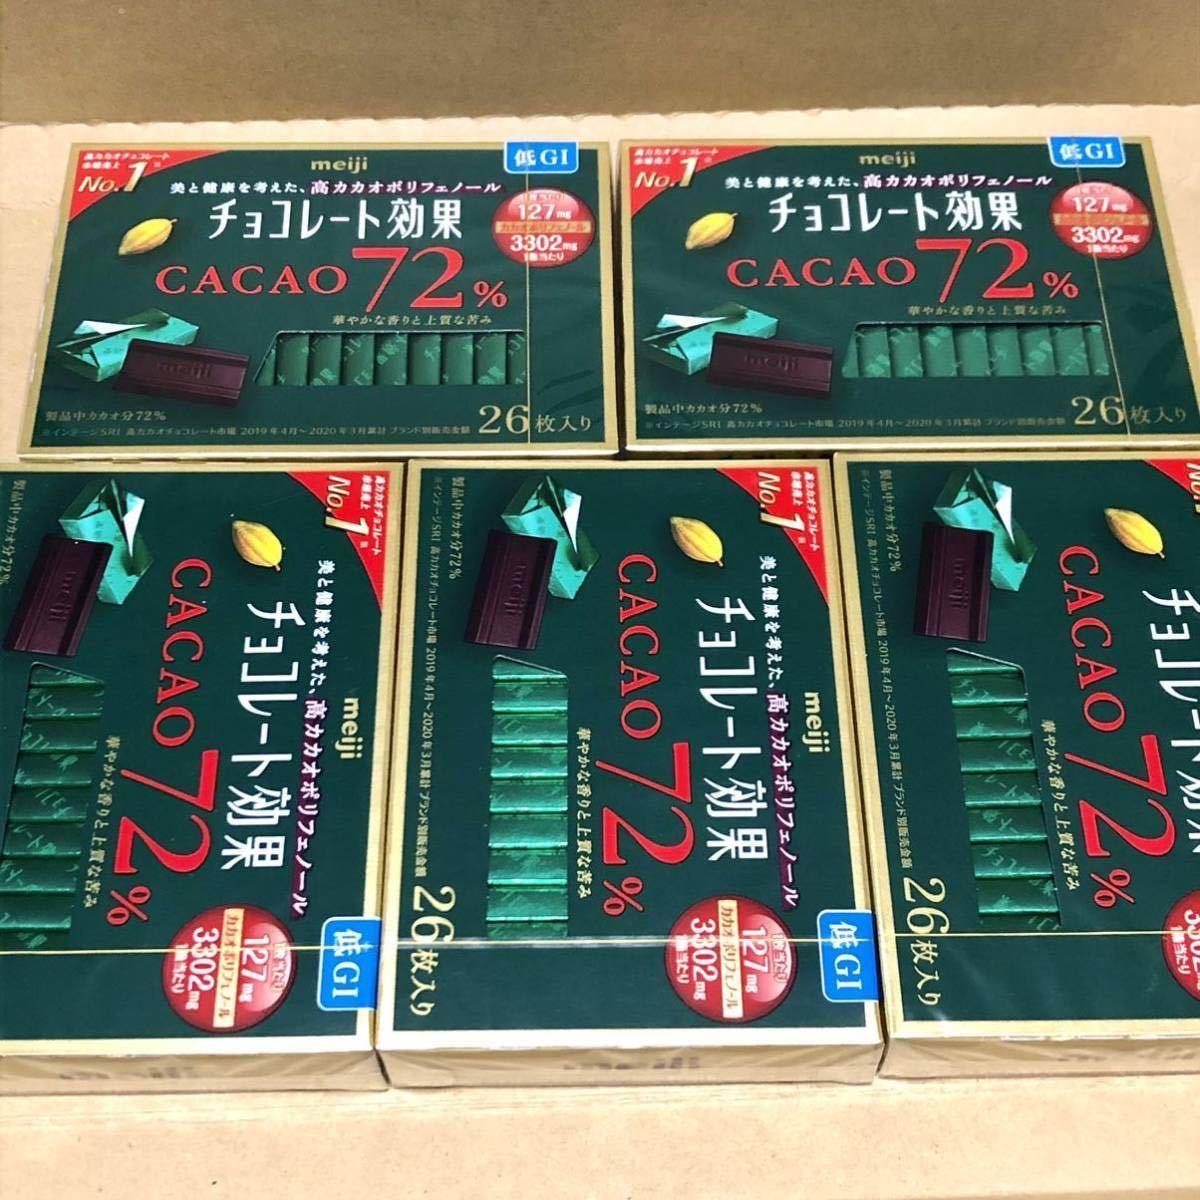 チョコレート効果 5箱 明治 カカオ 72% 大量 クーポン利用 Meiji お菓子詰め合わせ_画像1